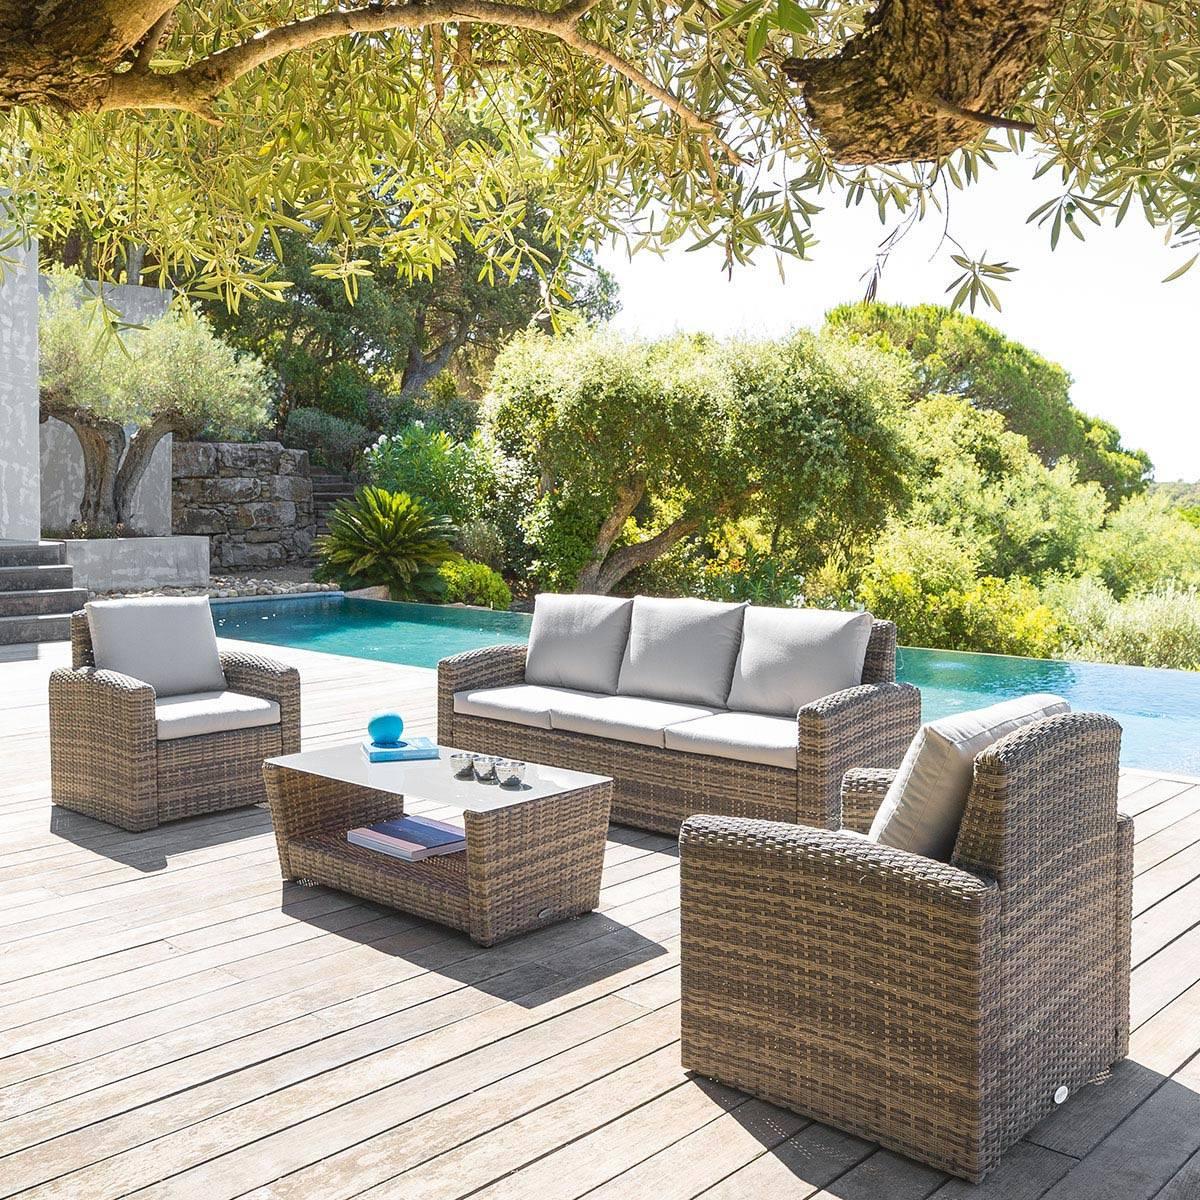 7 Idées Pour Créer Un Espace Détente Dans Son Jardin - Ooreka tout Salon Détente Jardin